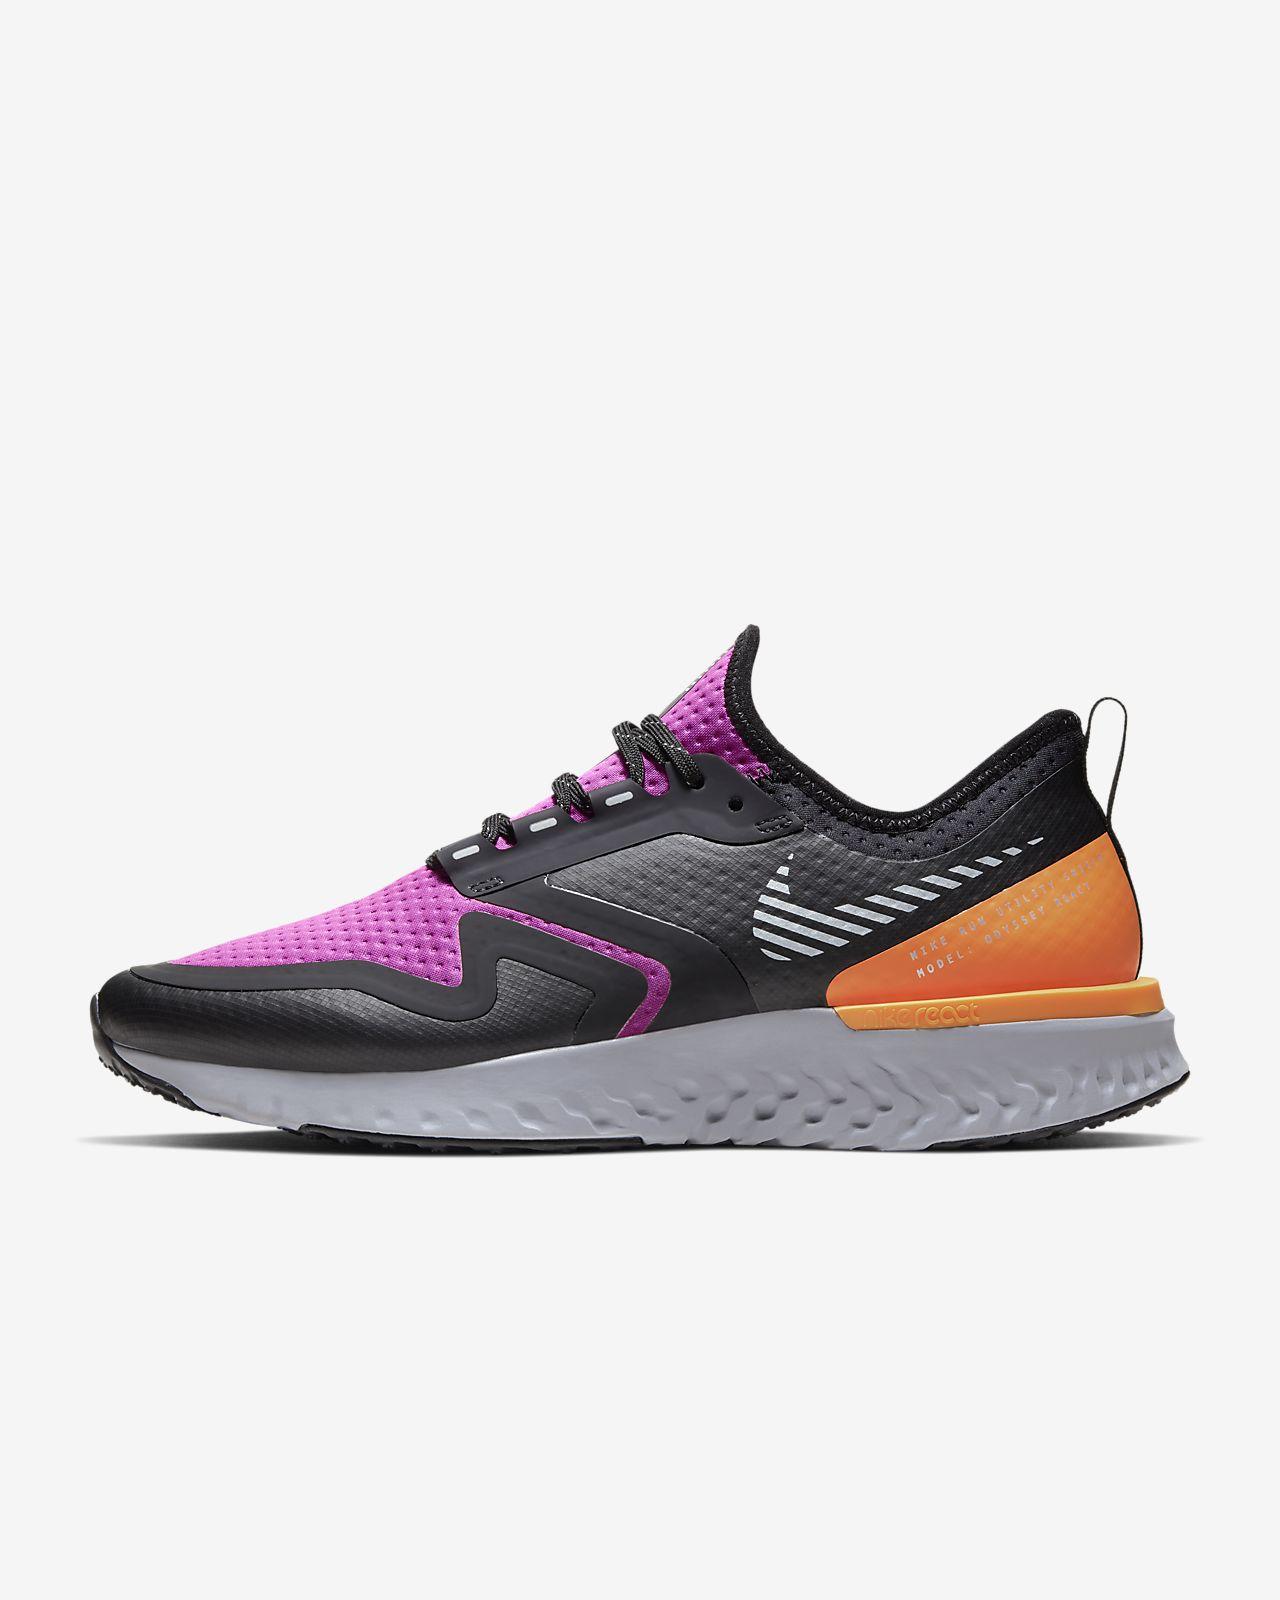 Calzado de running para mujer Nike Odyssey React Shield 2